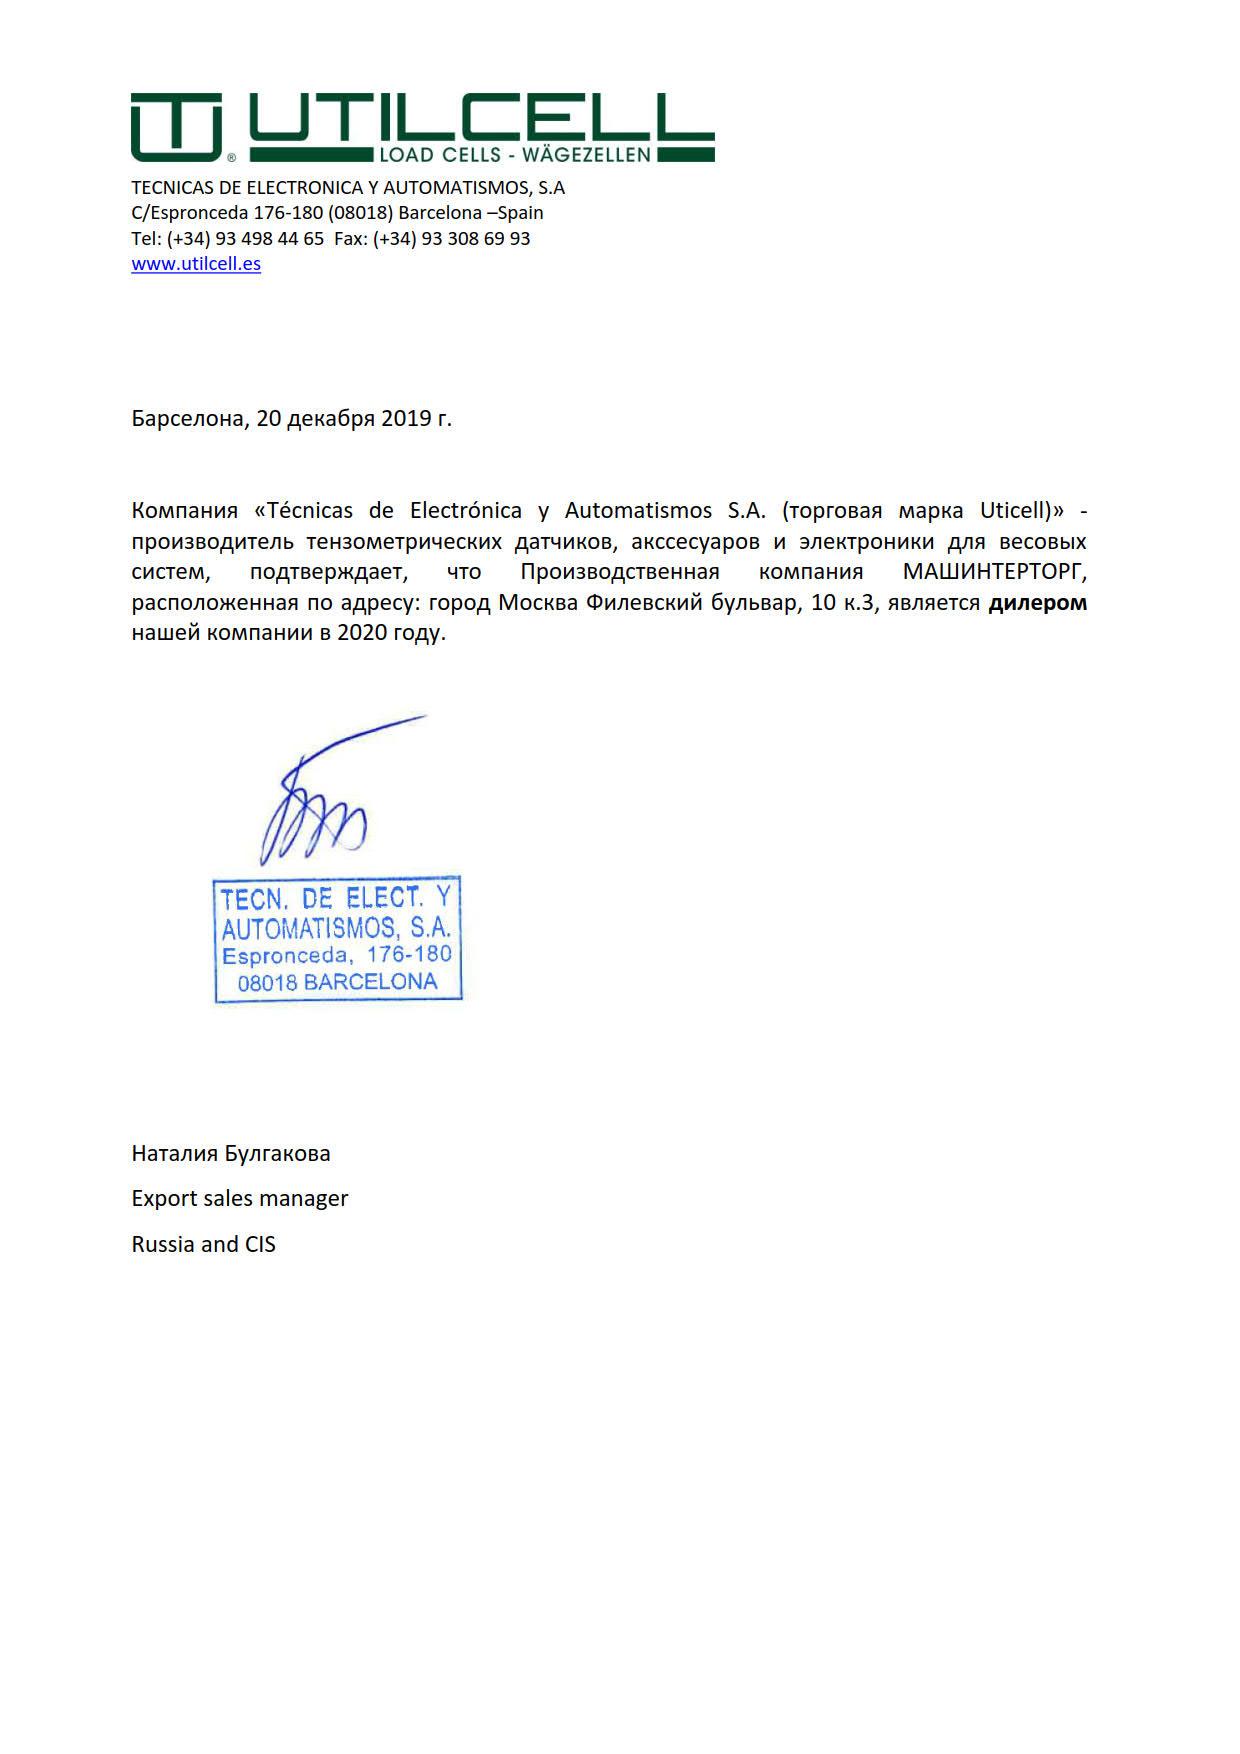 Машинтерторг официальный дилер UTILCELL